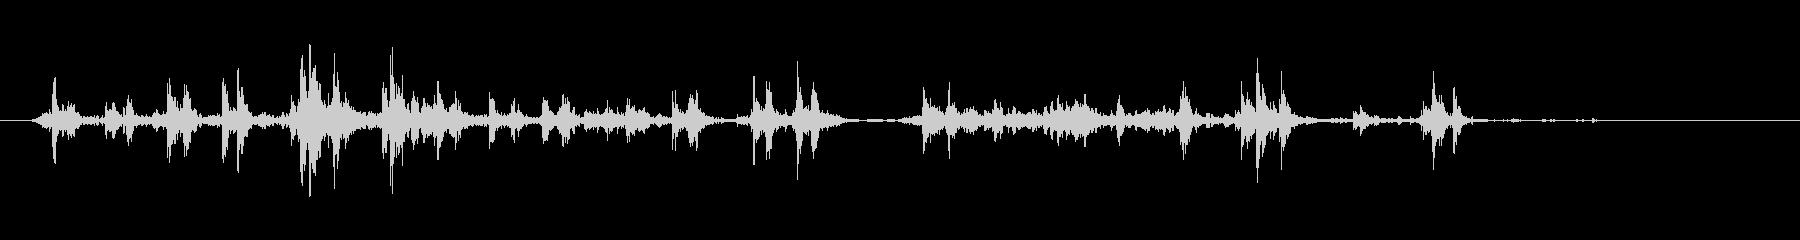 メタル 鎖 ビッグコイルアップ01の未再生の波形